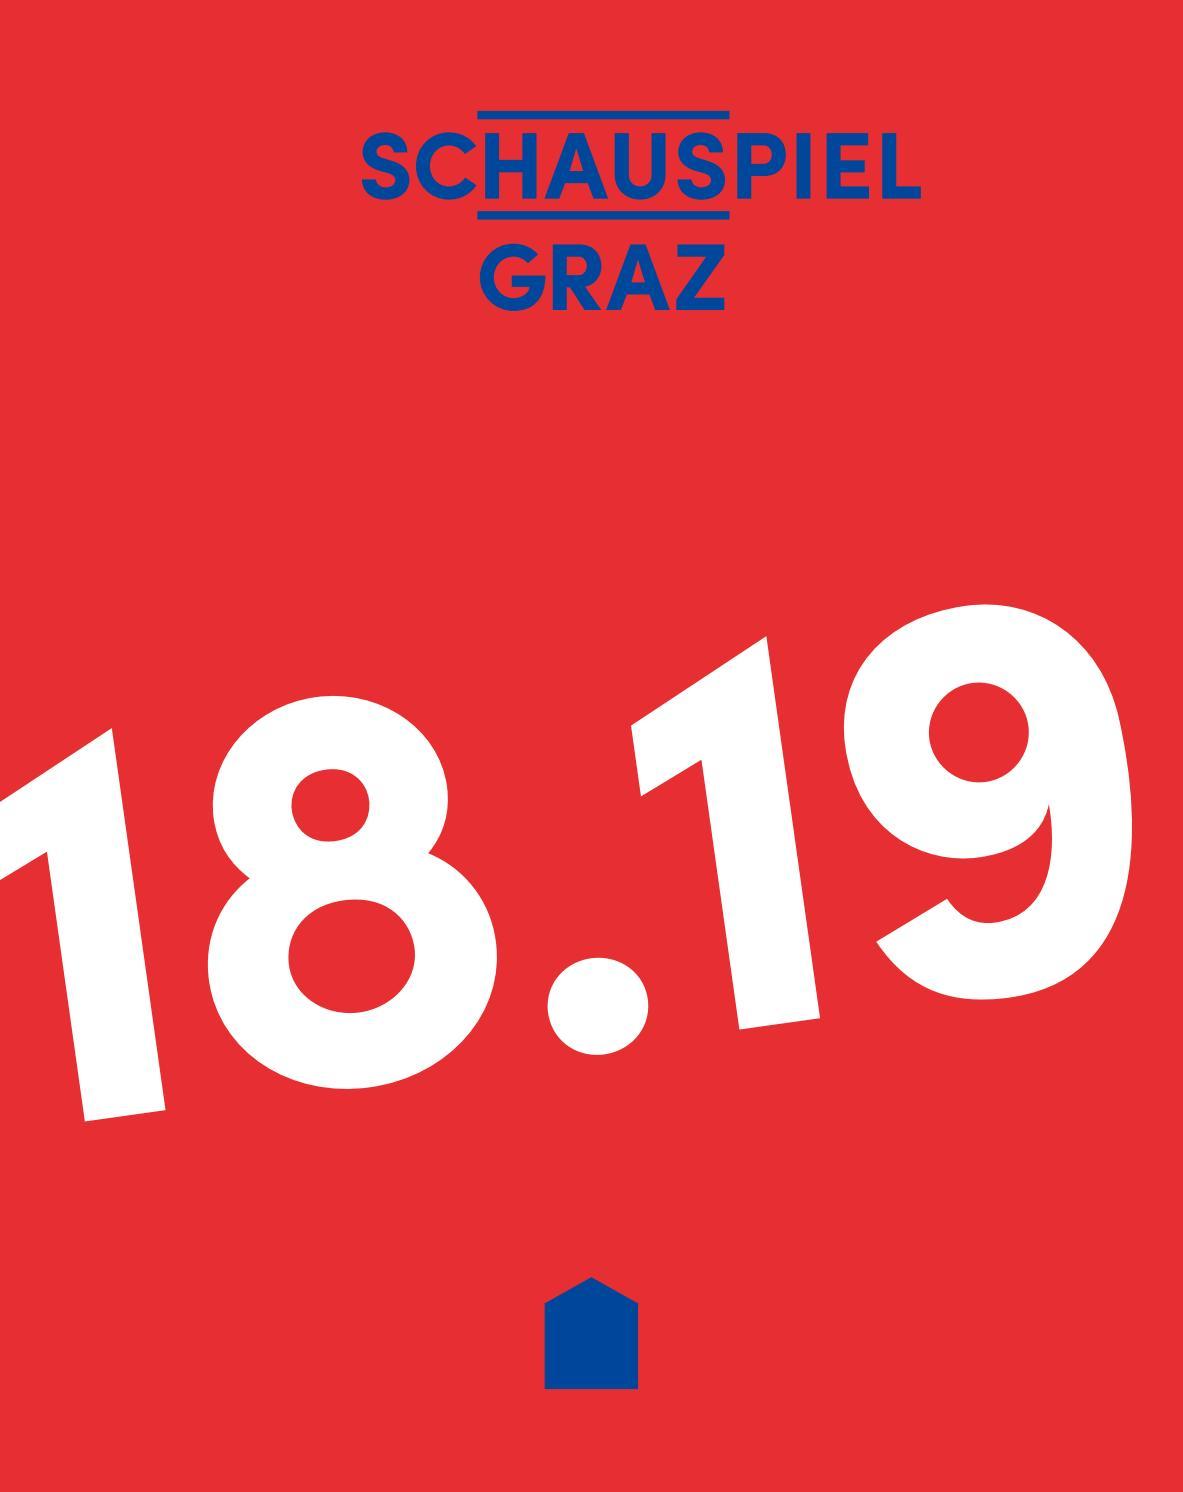 Schauspielhaus Graz Spielzeitbuch 2018.2019 by Oper Graz - issuu